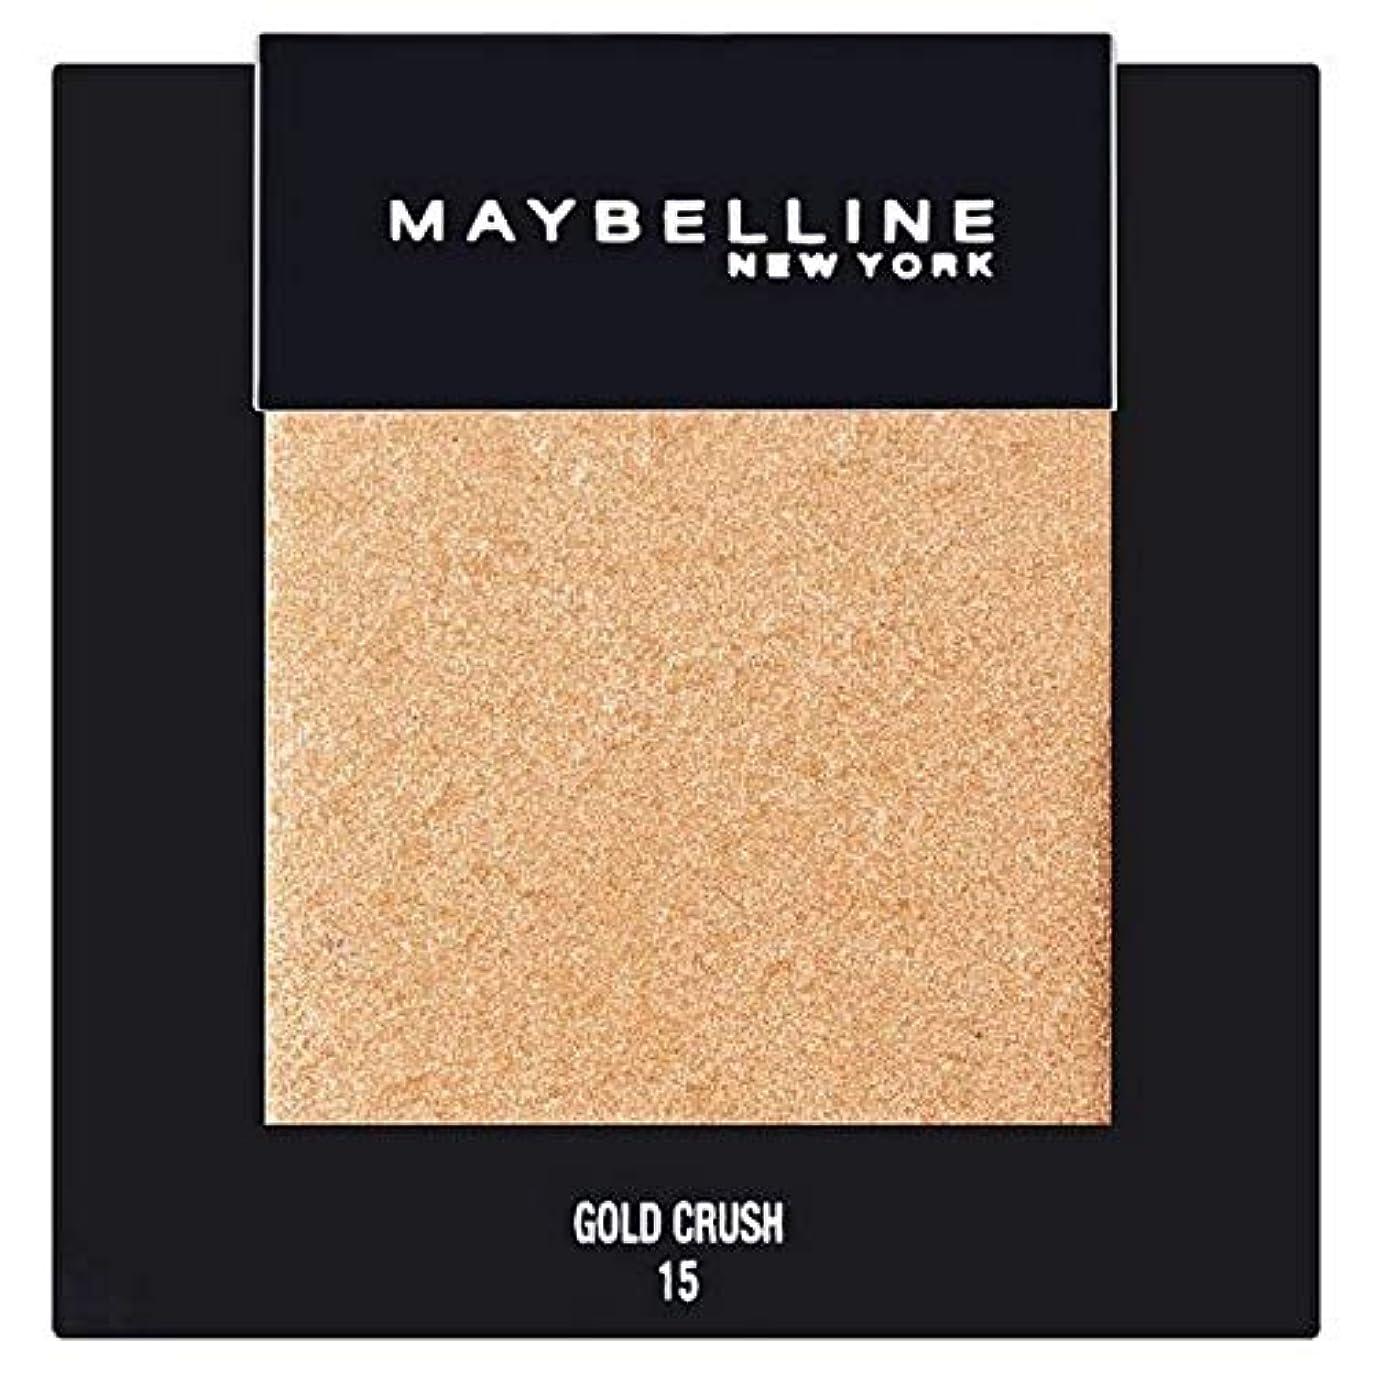 デモンストレーション契約するわざわざ[Maybelline ] メイベリンカラーショーシングルアイシャドウ15金クラッシュ - Maybelline Color Show Single Eyeshadow 15 Gold Crush [並行輸入品]